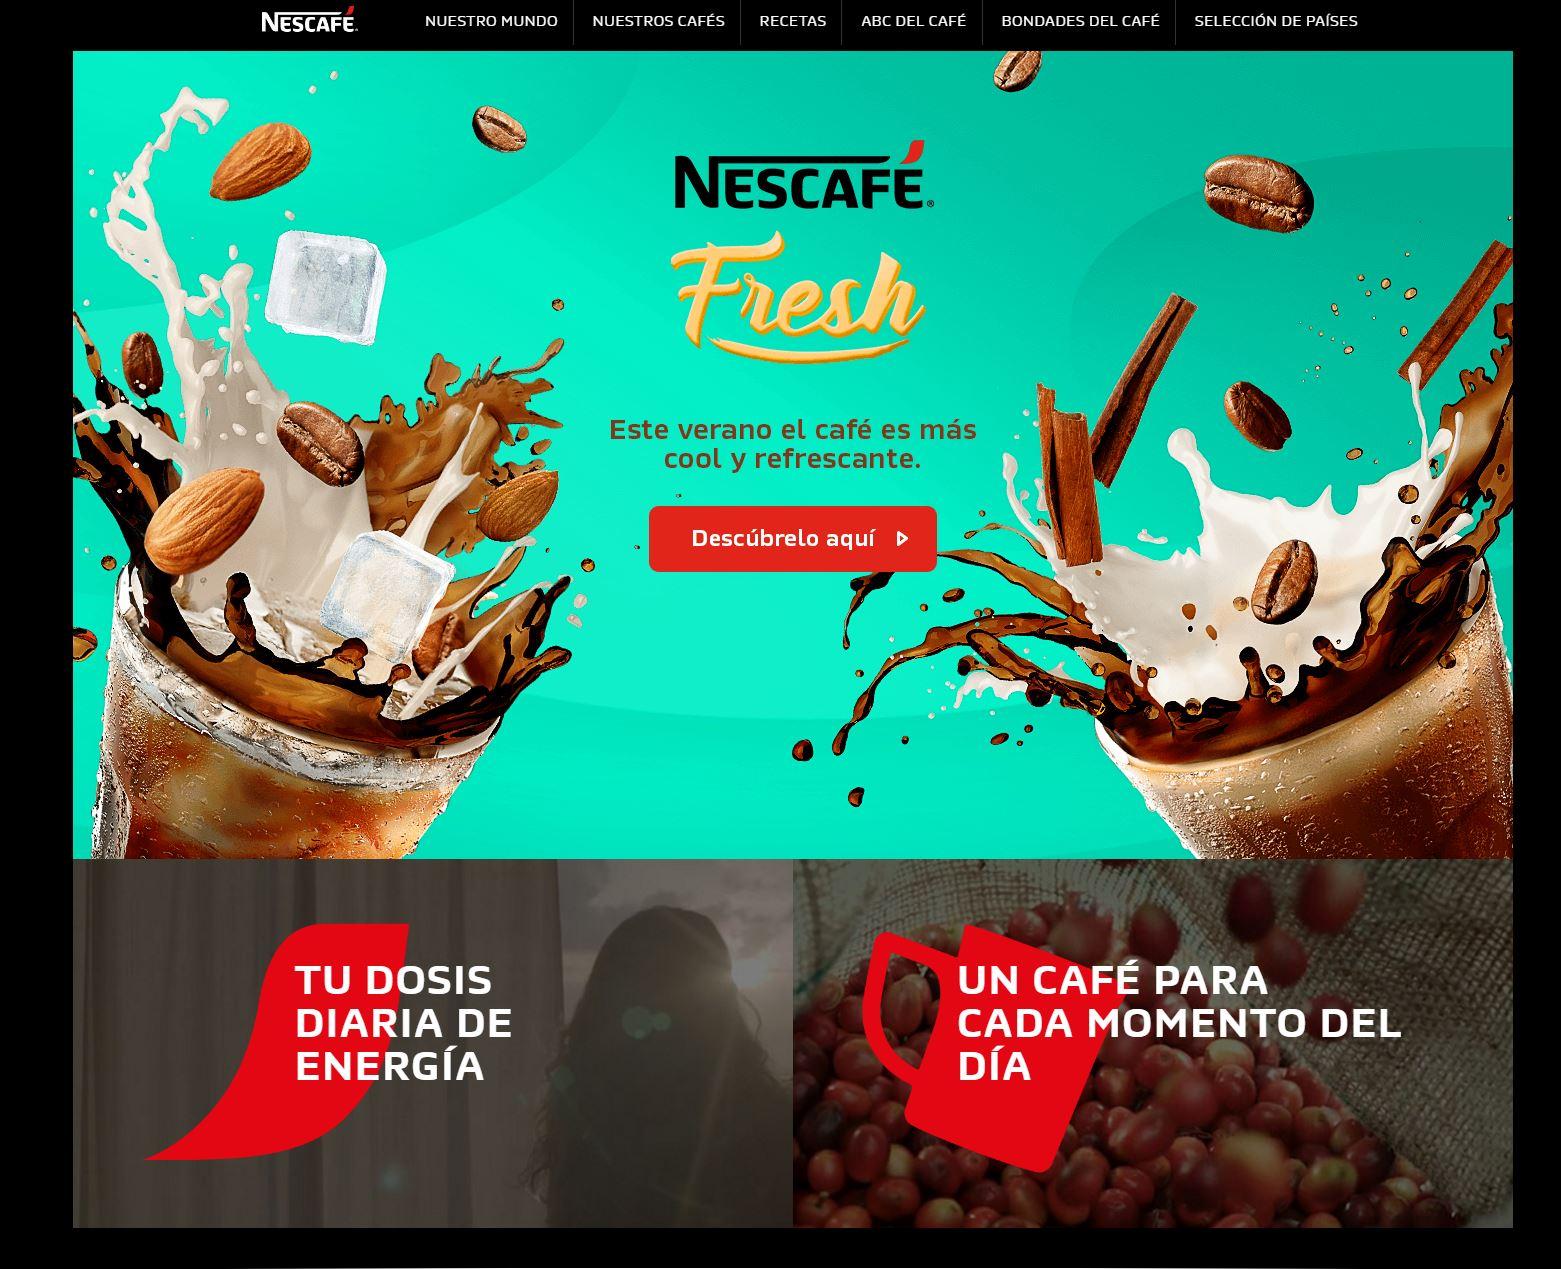 Nescafe Peru